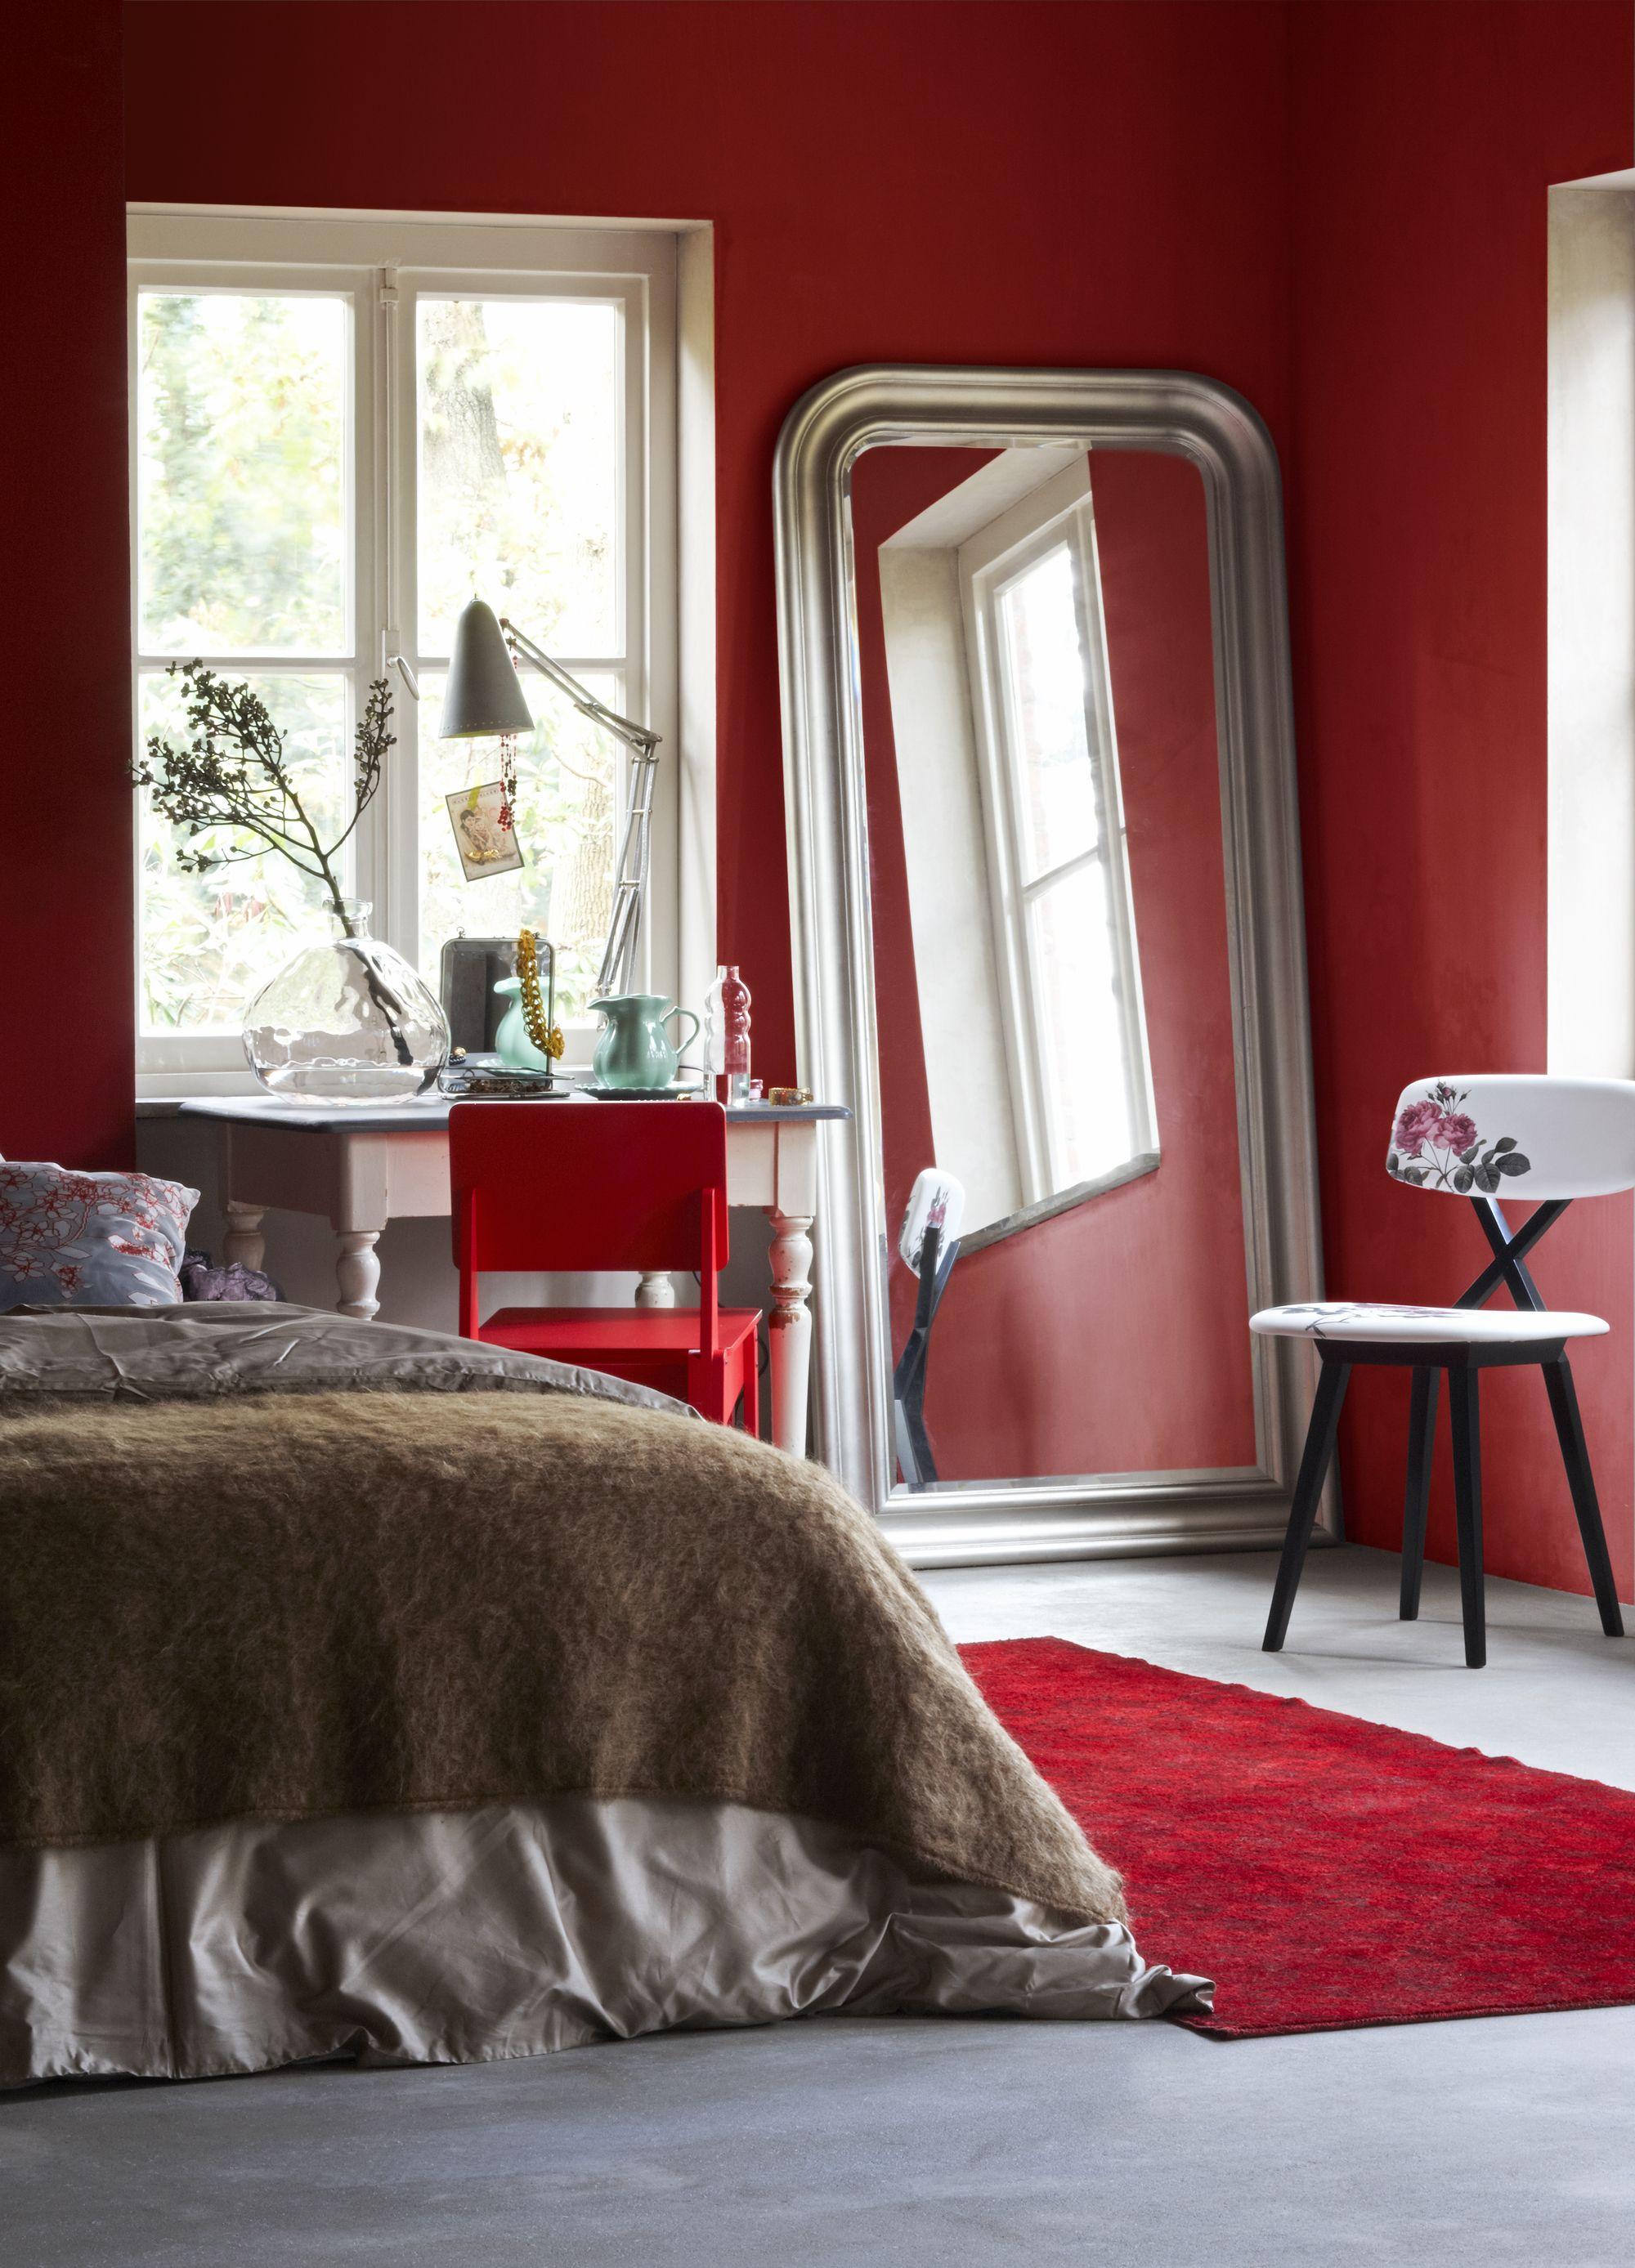 rode slaapkamer - rood in huis - rood interieur - anders style, Deco ideeën